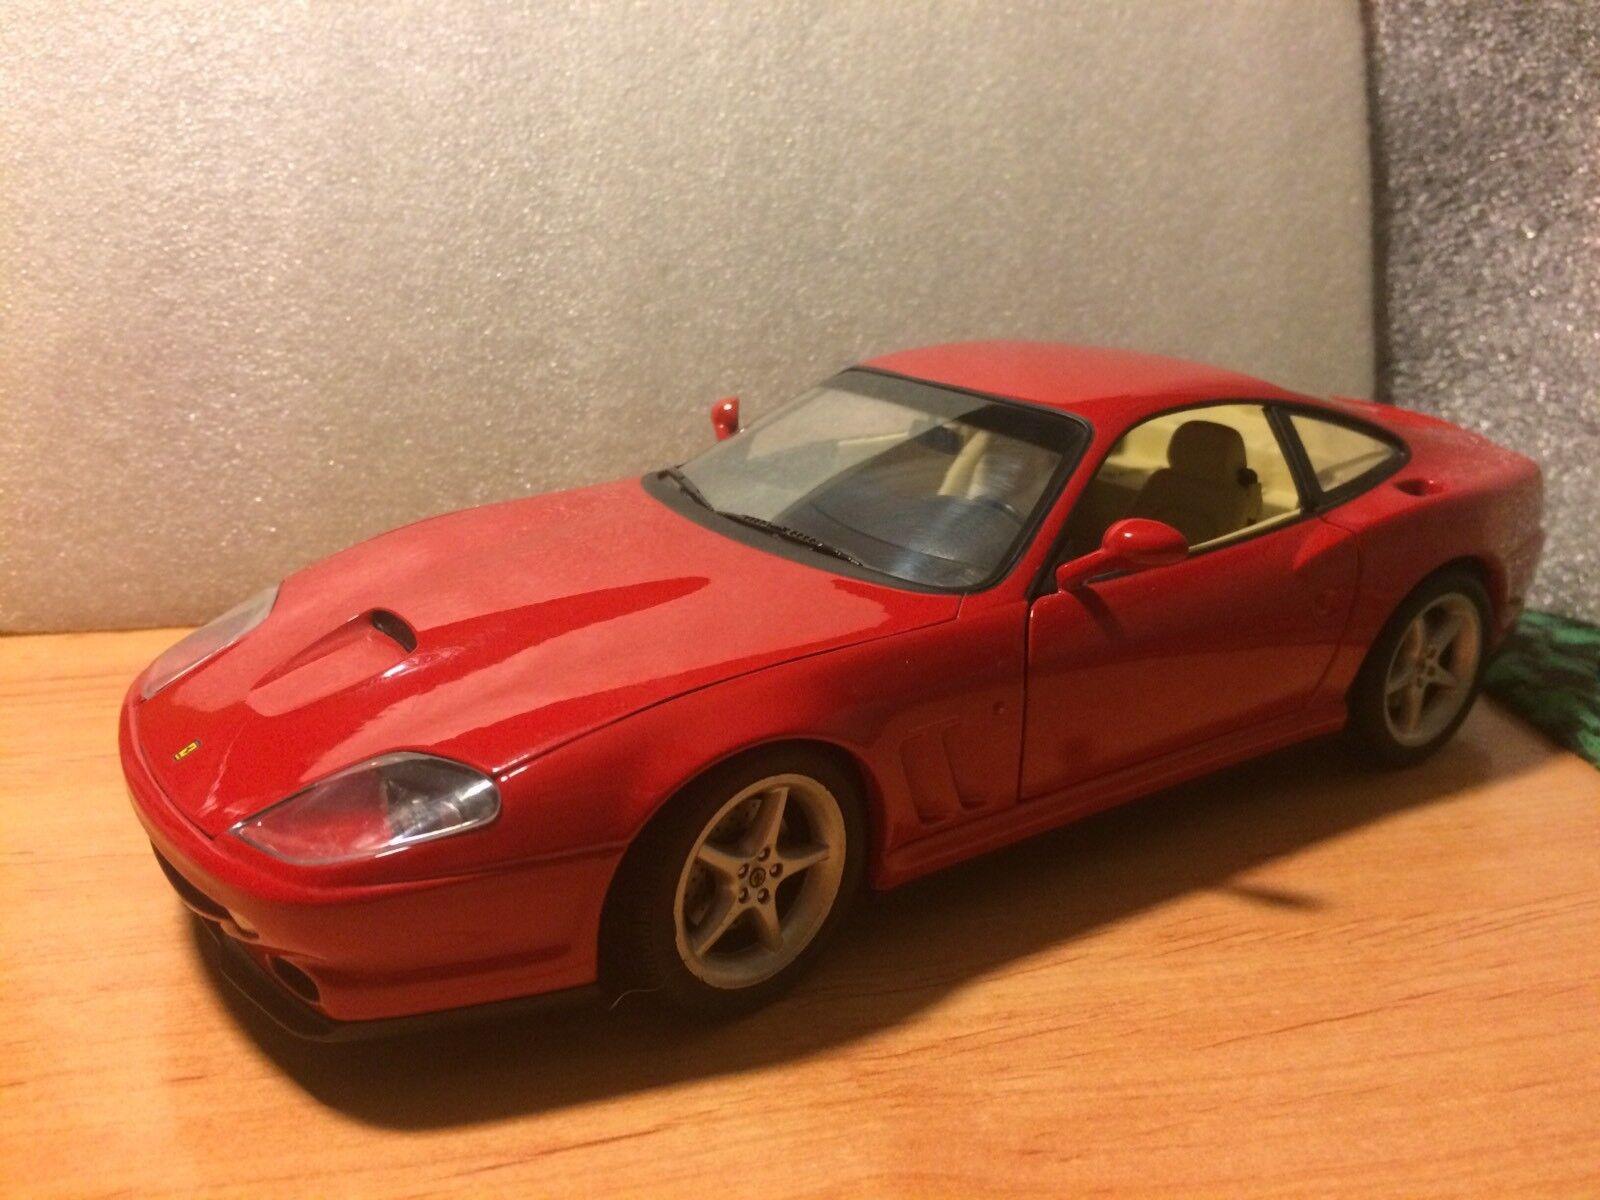 Ferrari 550 1996 Ut Models 1 18 Maqueta Coche